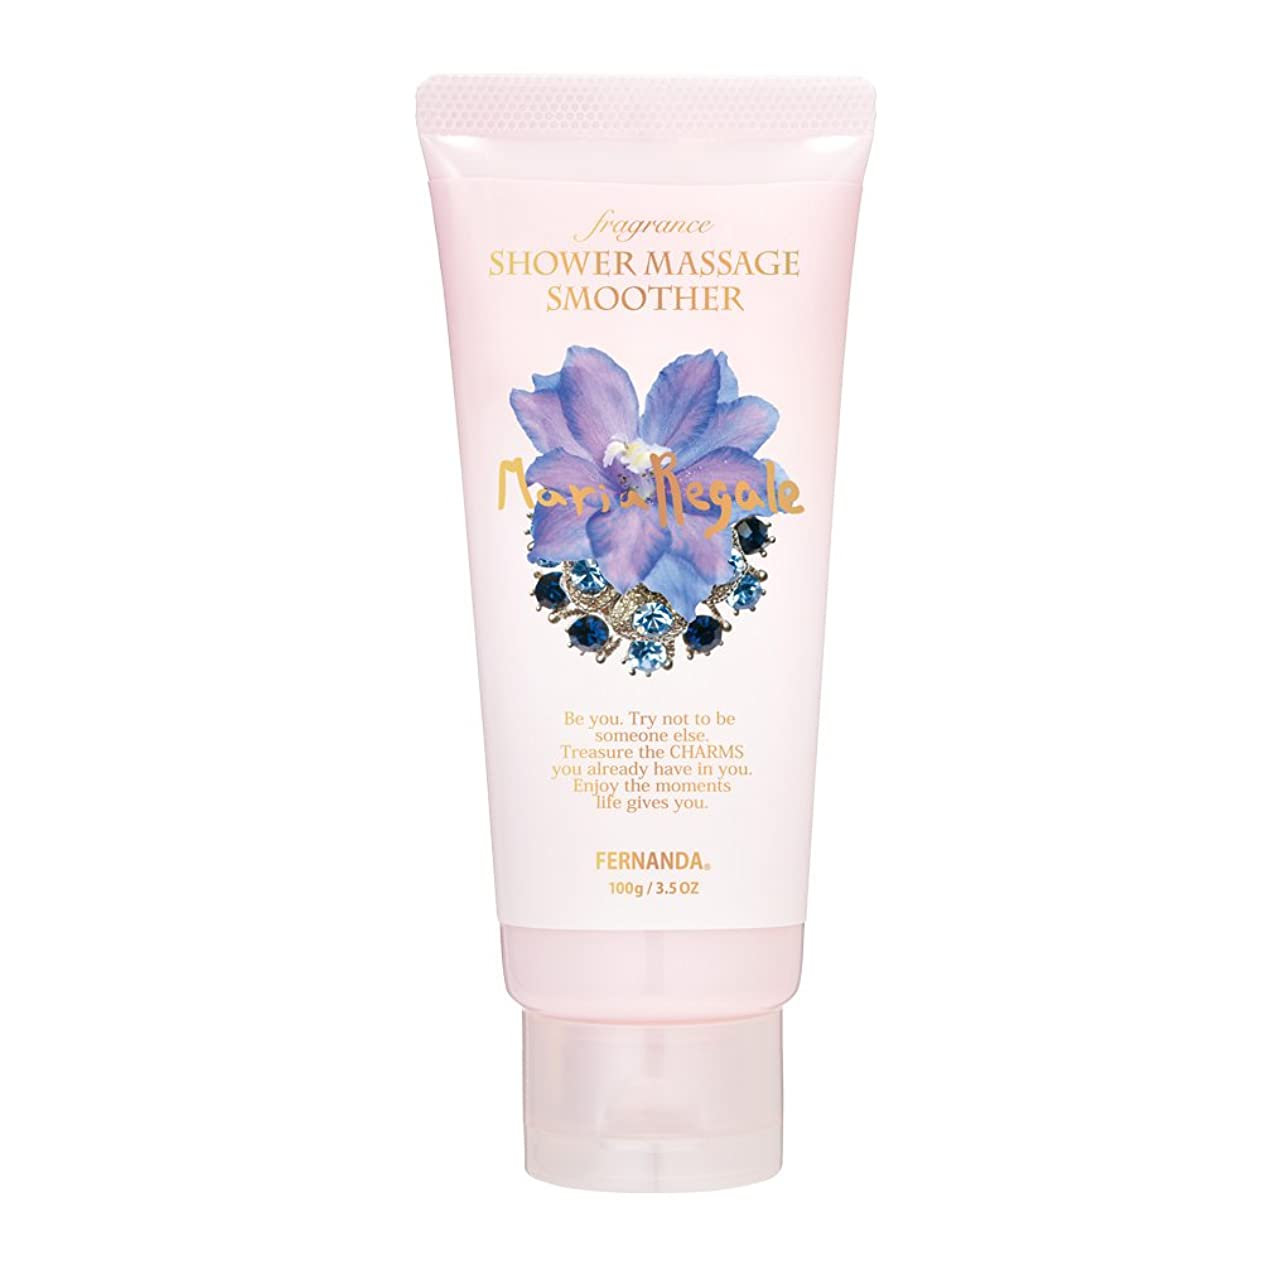 教育者カートンカートンFERNANDA(フェルナンダ) Fragrance Shower Massage Smoother Maria Regale (シャワーマッサージスムーサー マリアリゲル)